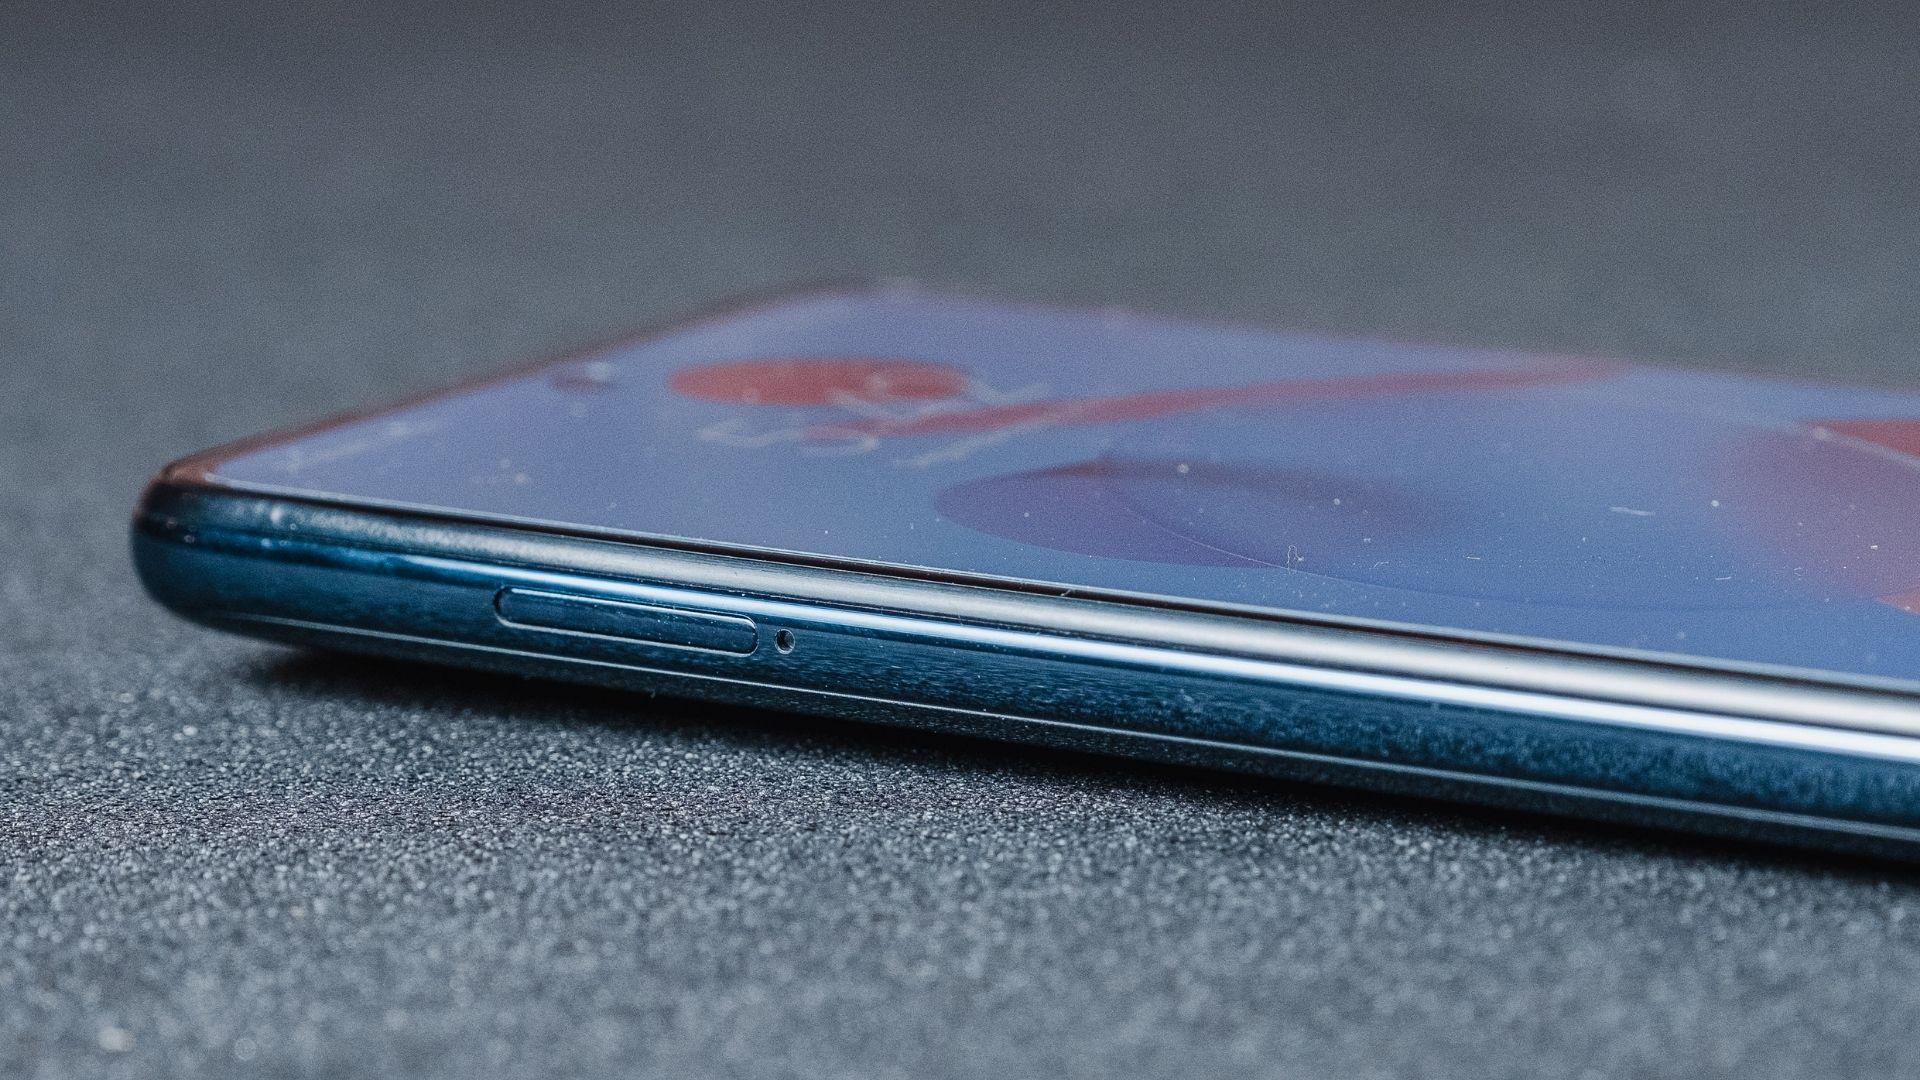 Xiaomi Poco X3 NFC tem bateria de 5.160 mAh com carregamento rápido (Foto: Shutterstock)